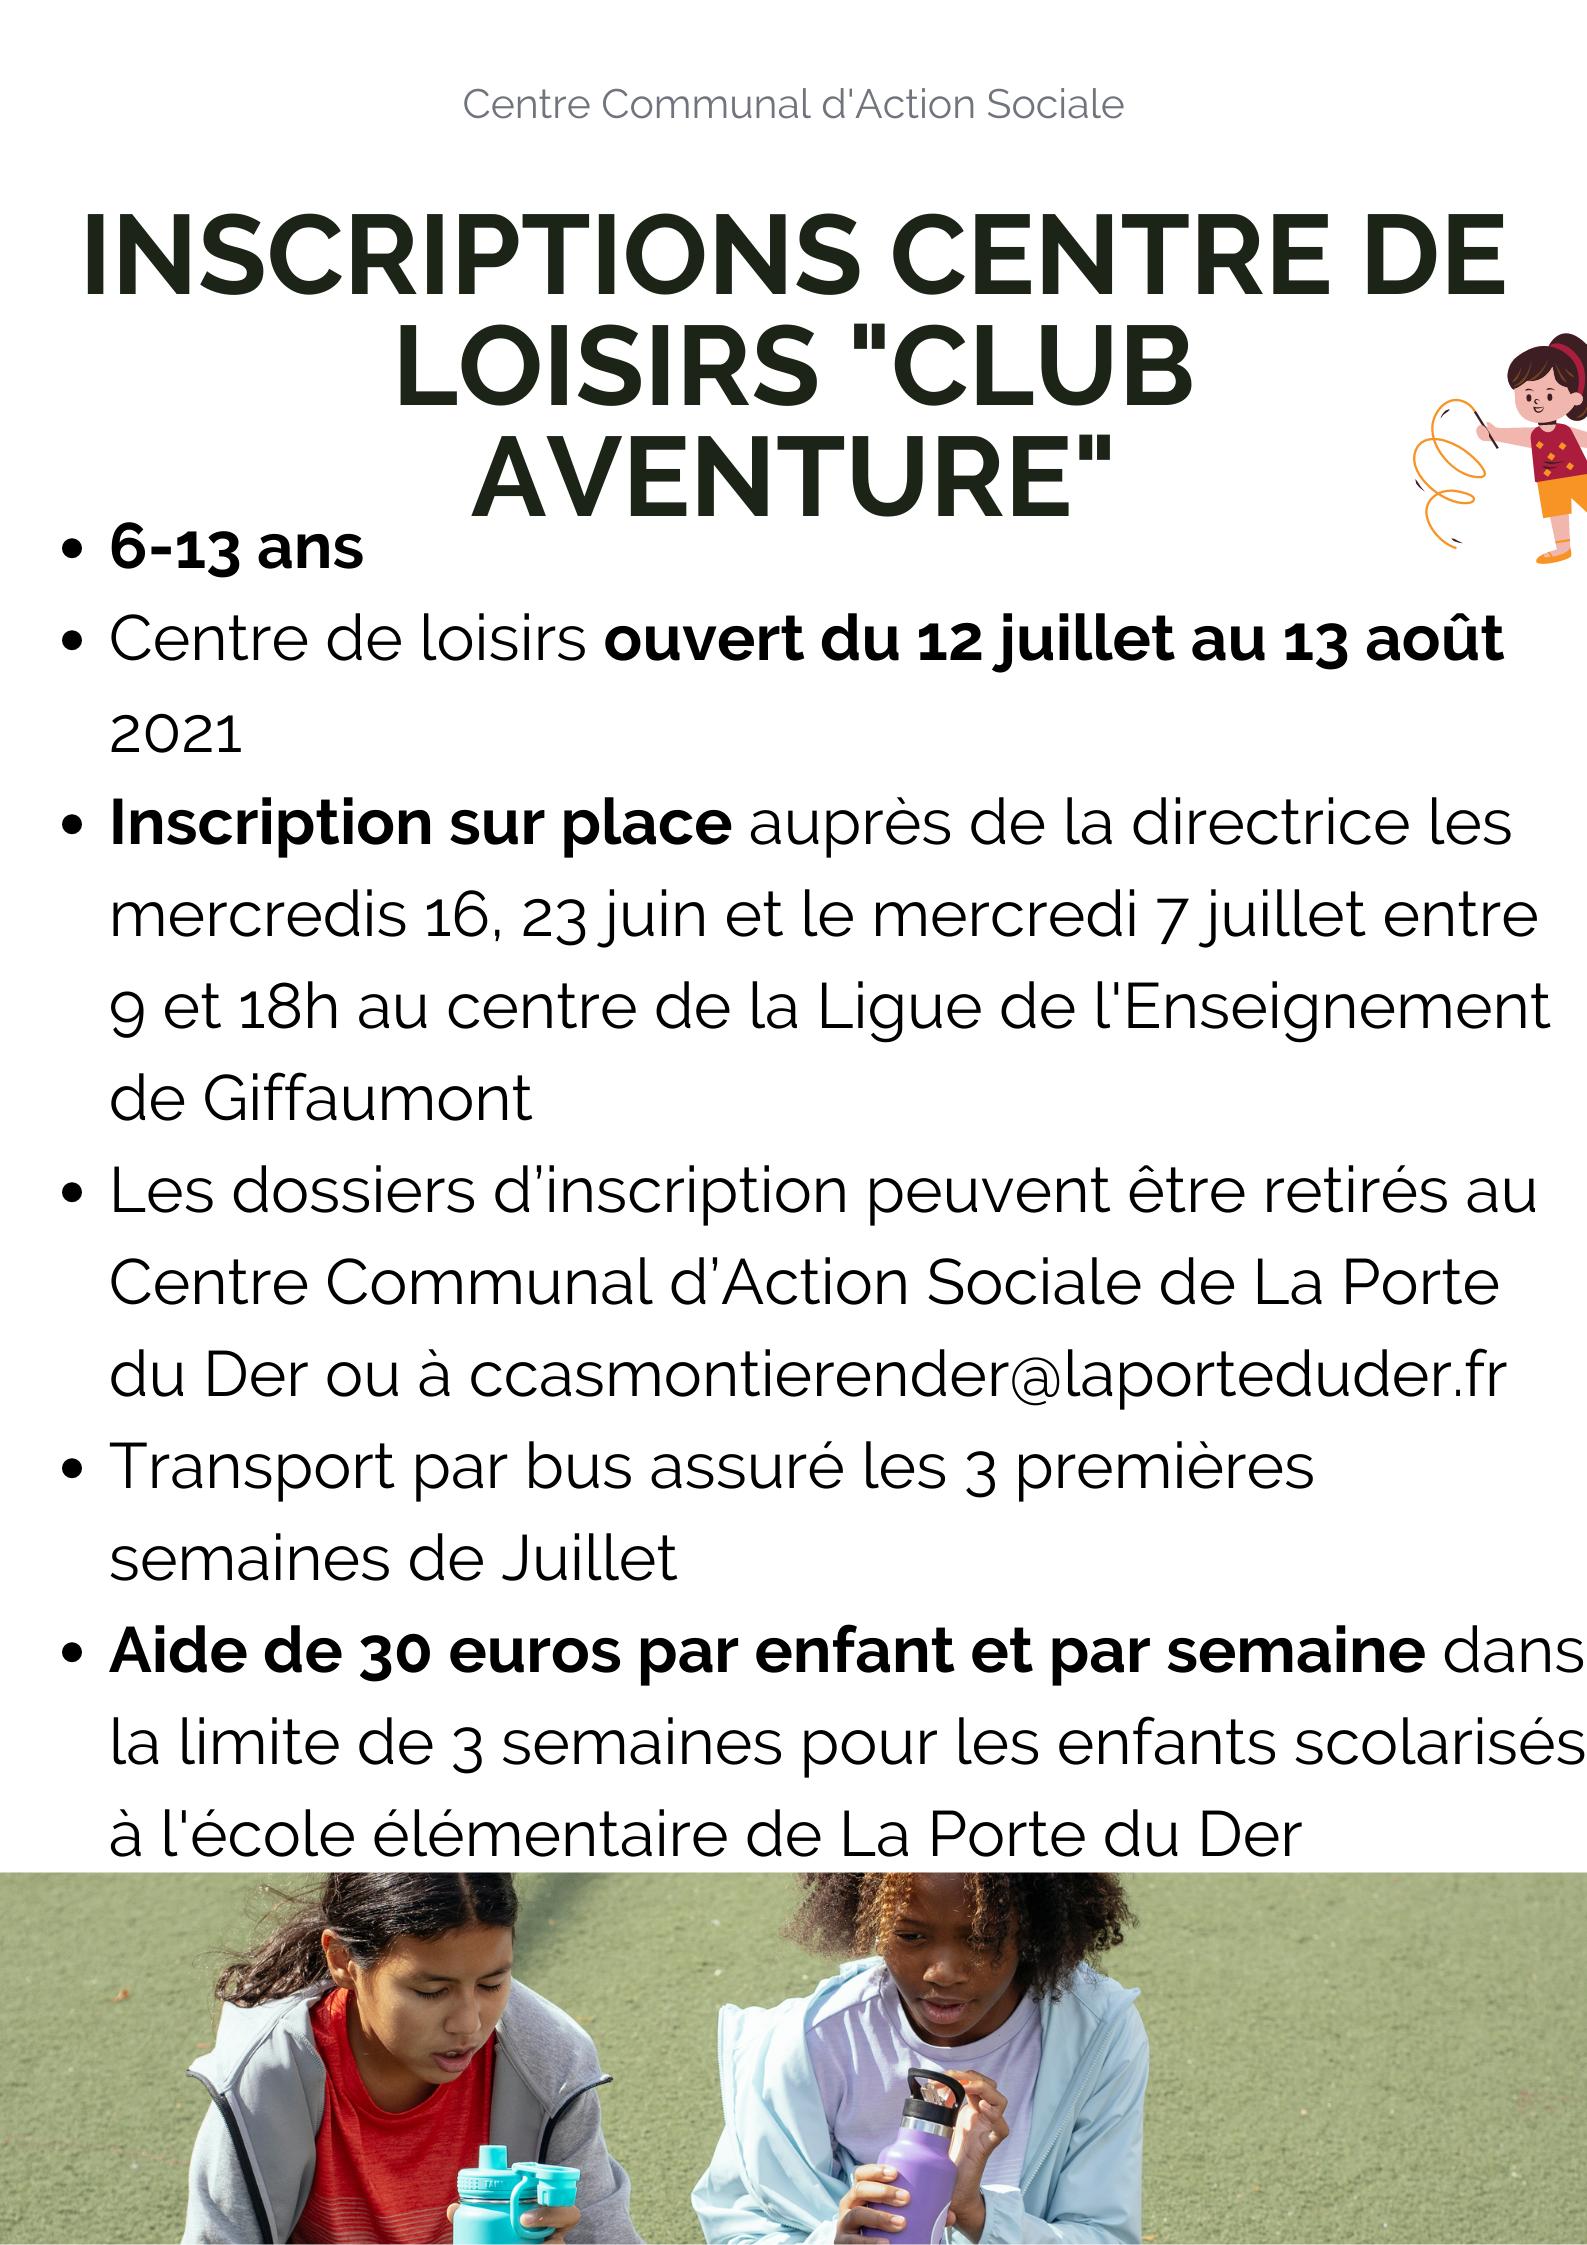 Inscription centre de loisirs 6-13 ans